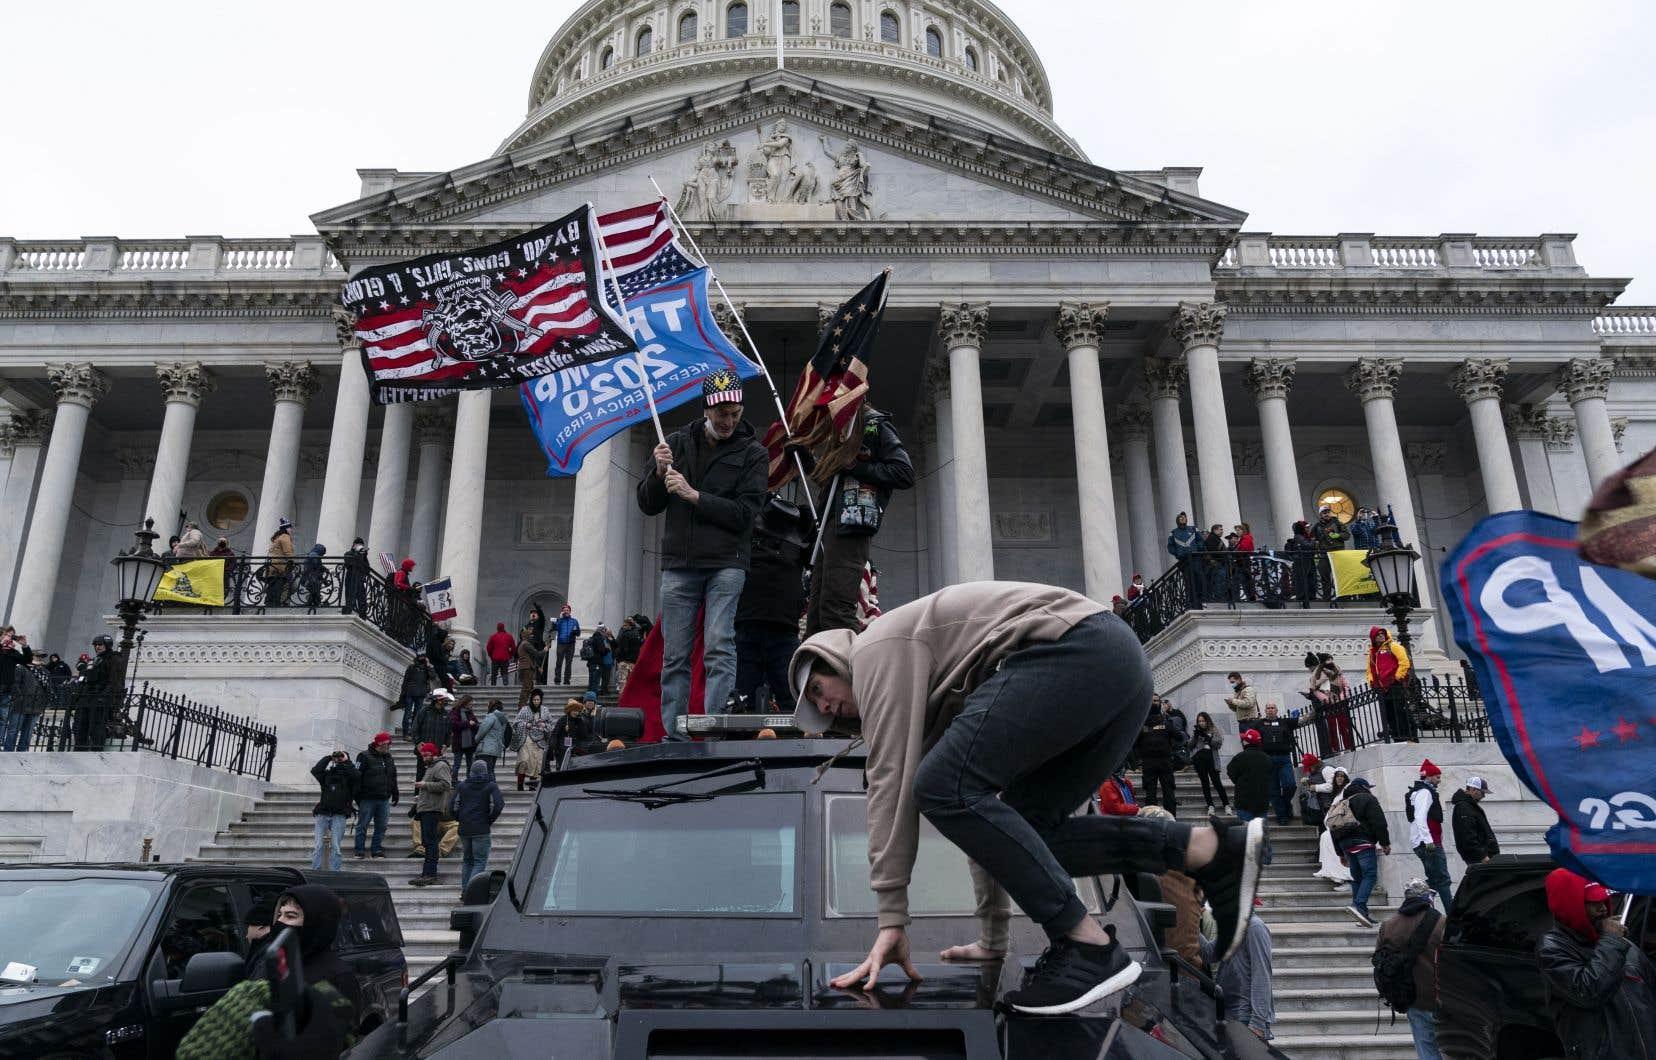 «Comme l'a montré l'assaut contre le Capitole, une foule motivée une fois encadrée peut contrecarrer une élection présidentielle», écrit l'auteur.